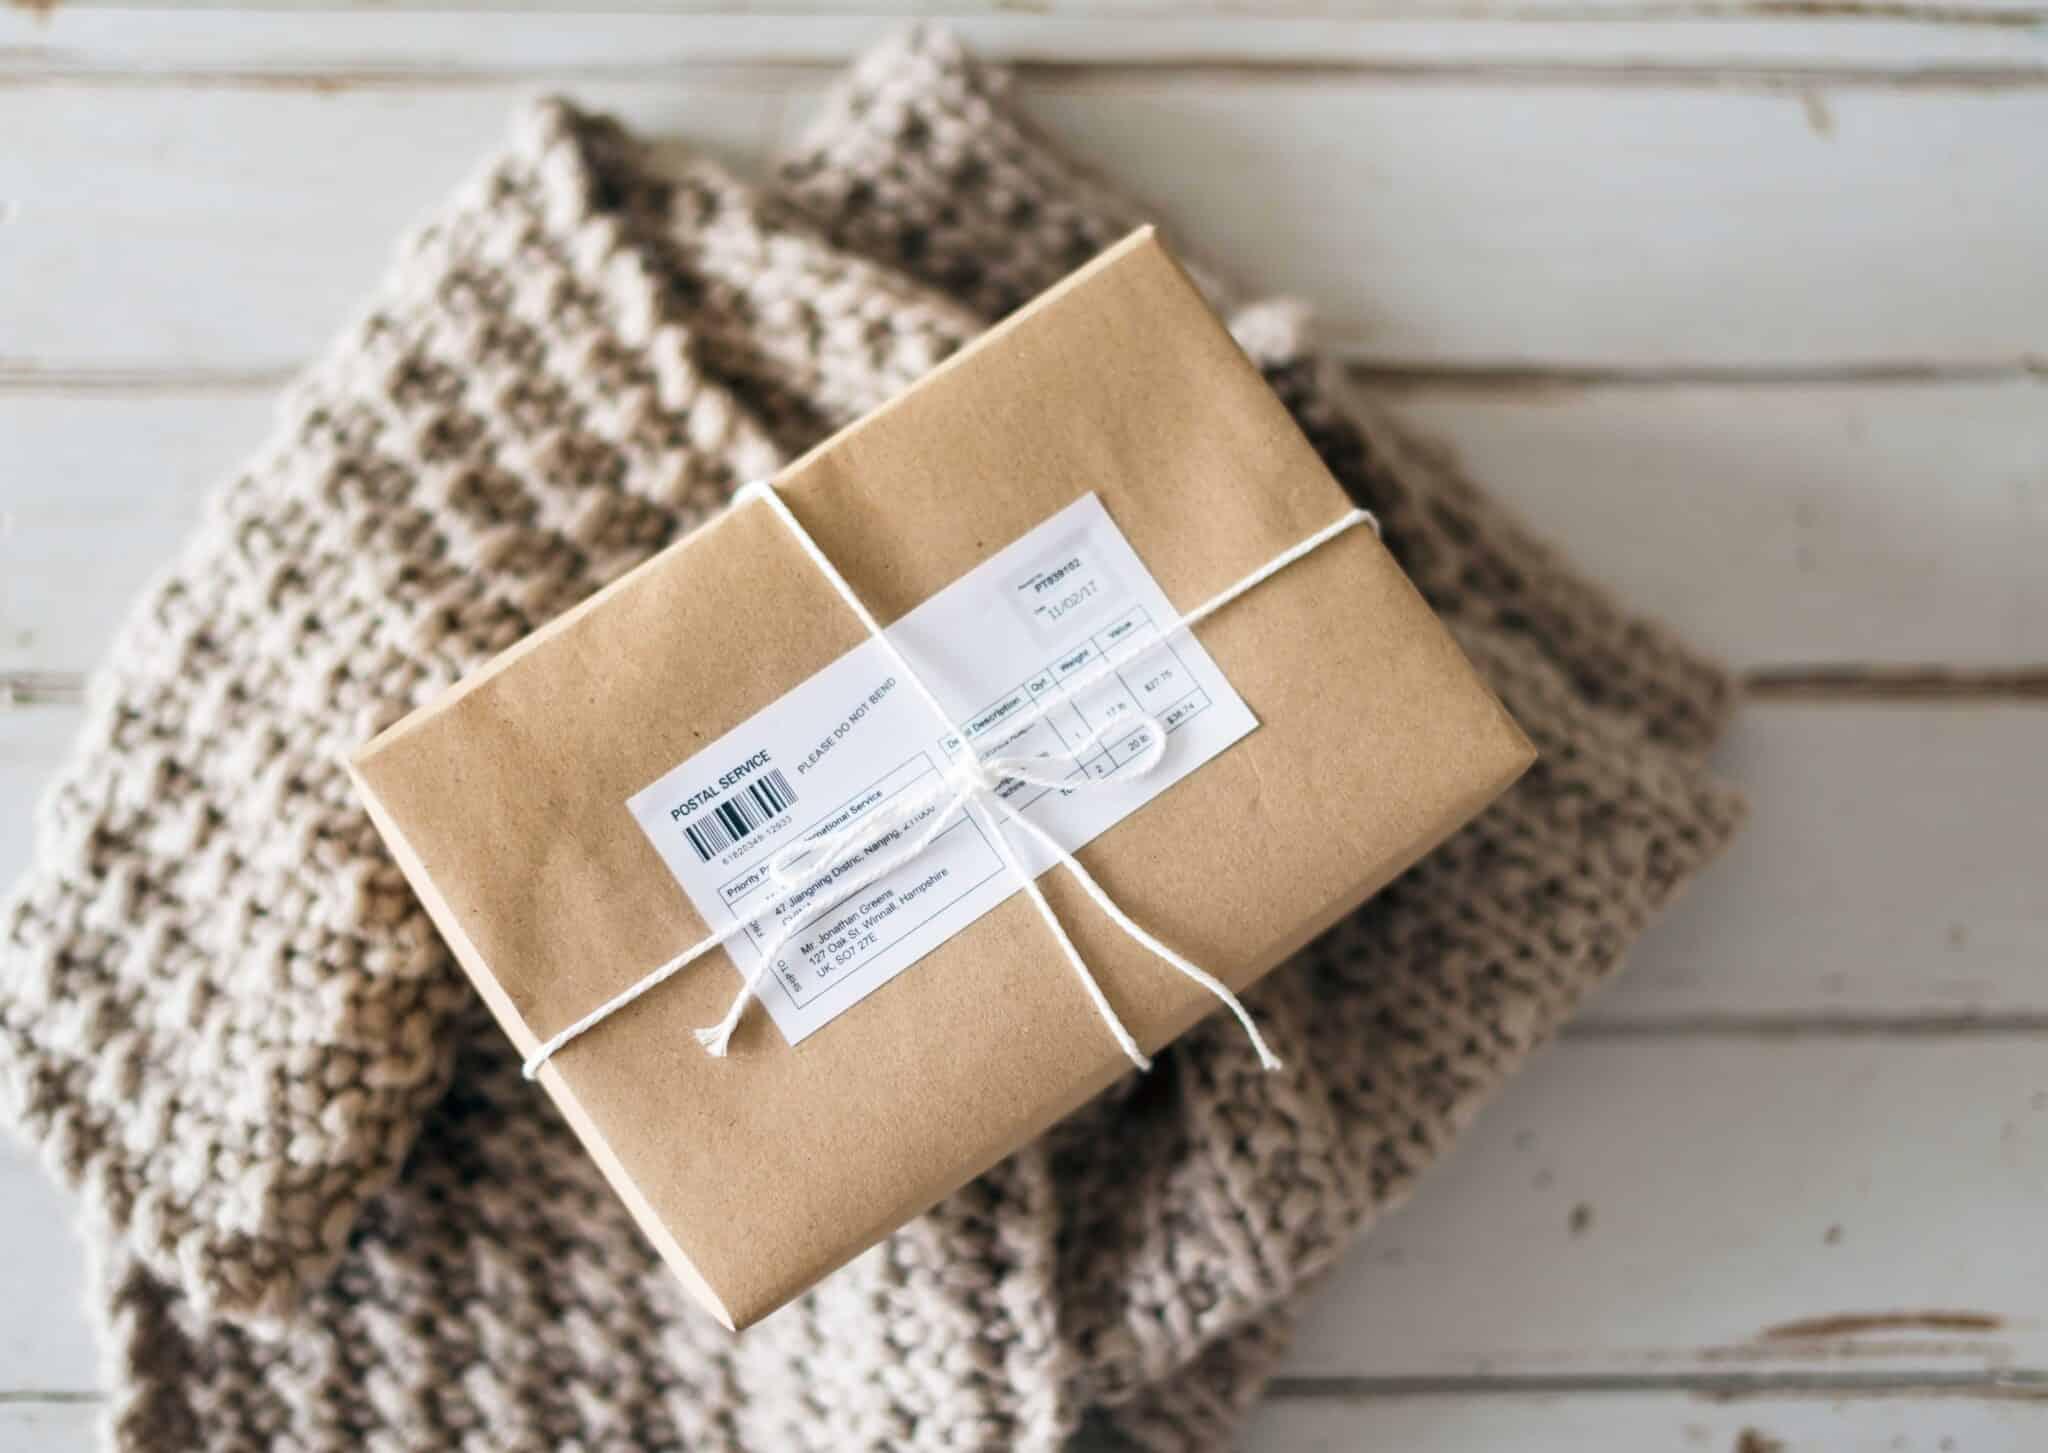 KleinerWald Waldkindergarten Waki Waldkindi Versand Lieferung DHL Päckchen Paket